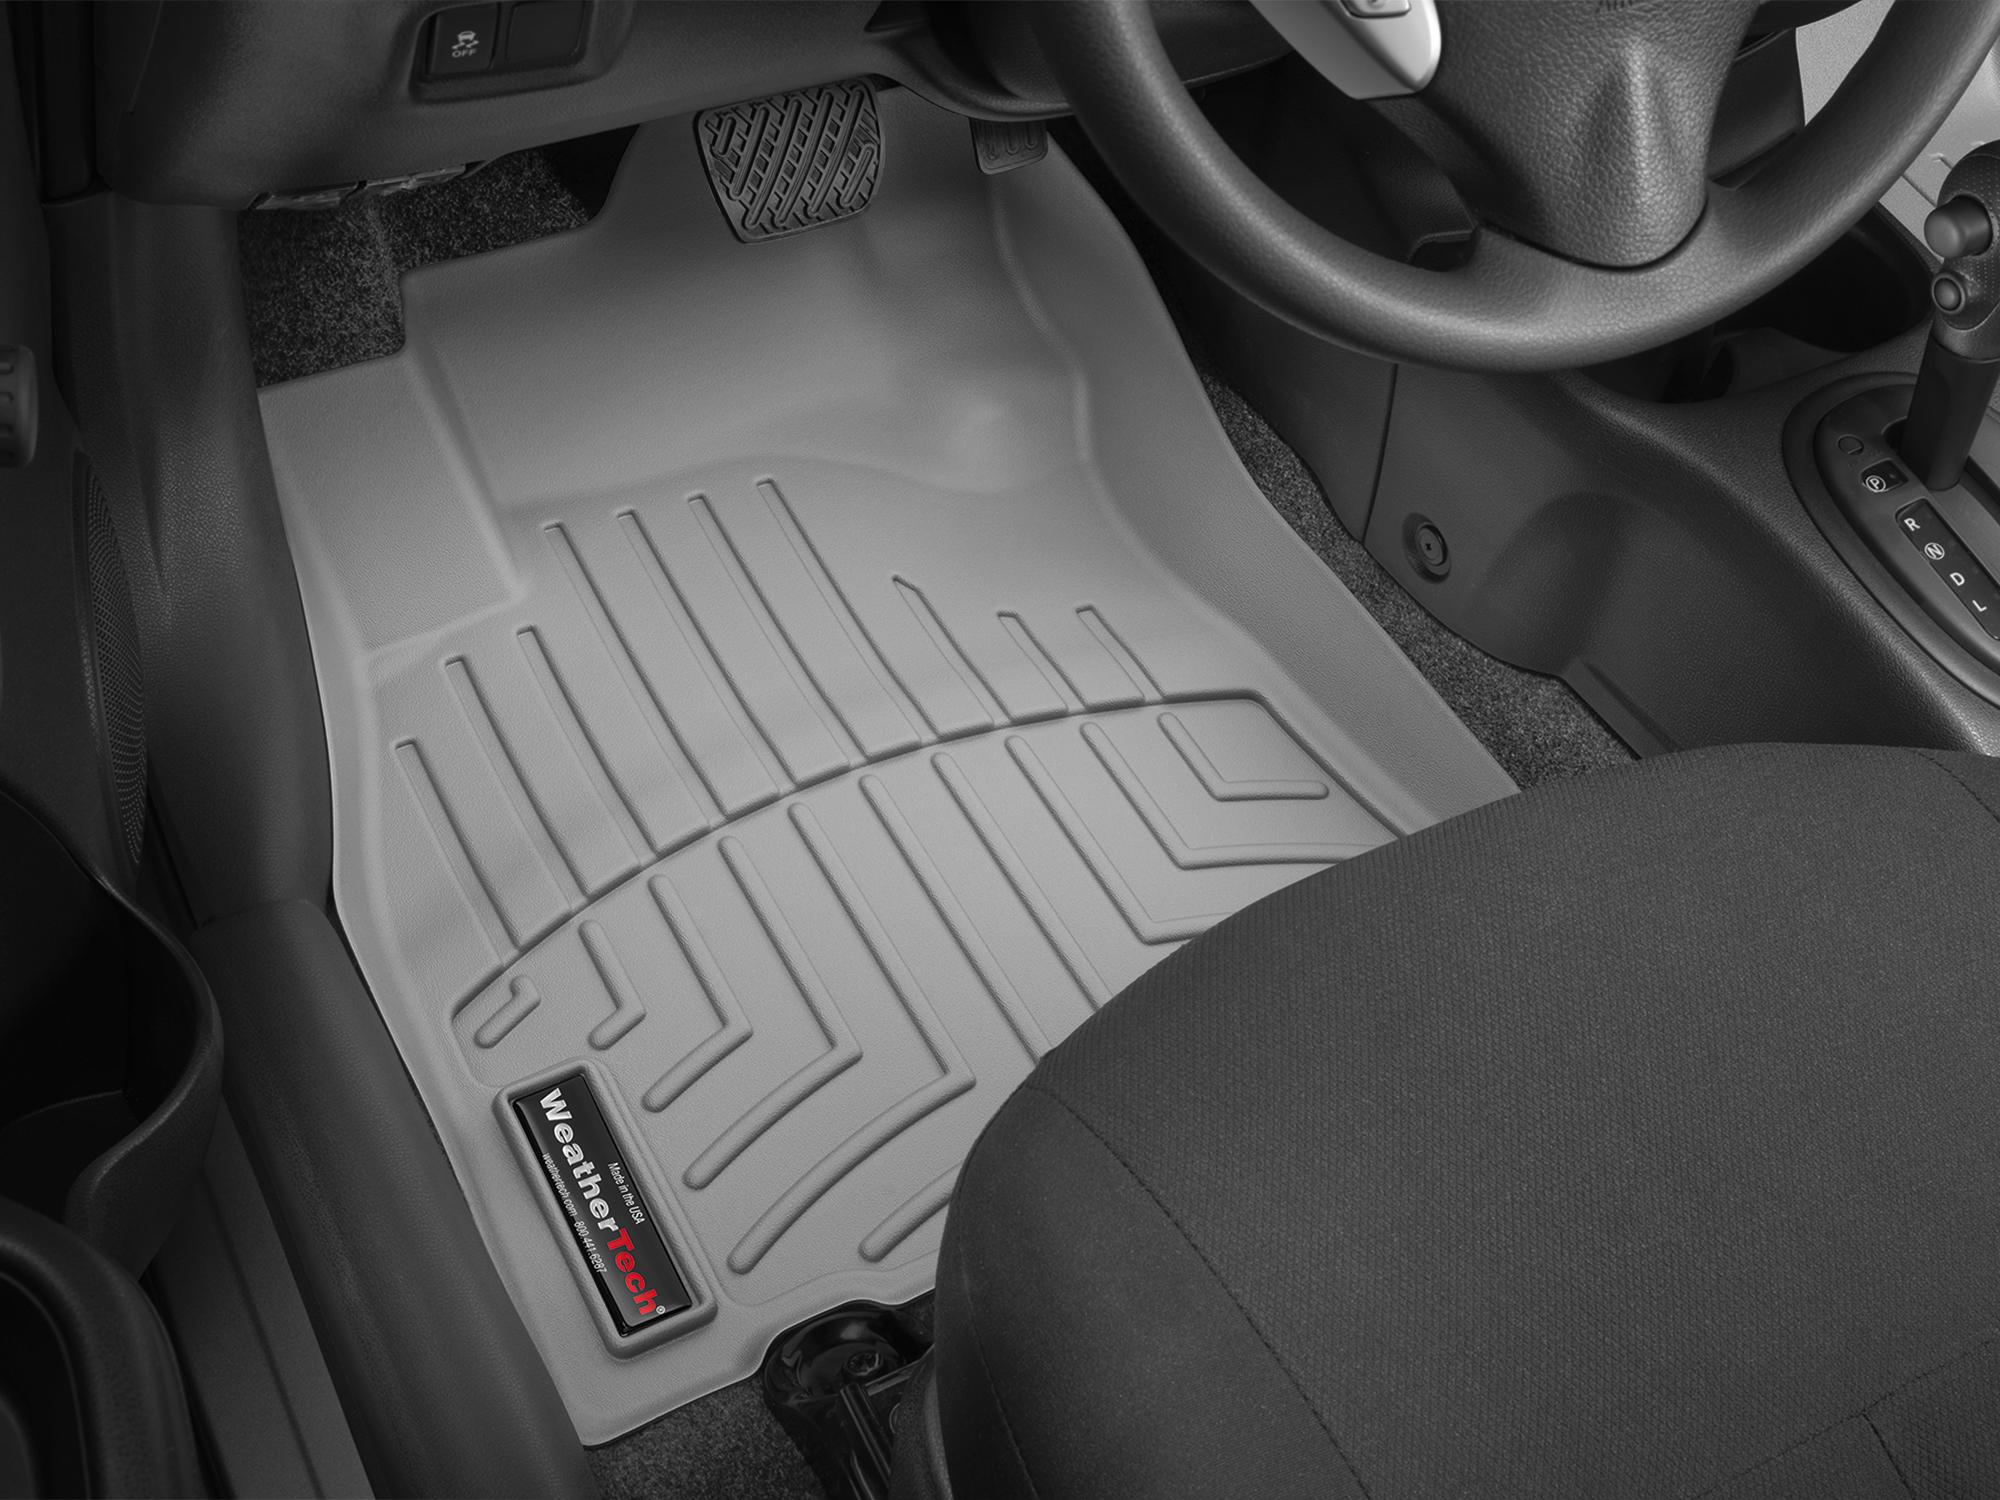 Tappeti gomma su misura bordo alto Nissan Note 13>13 Grigio A2895